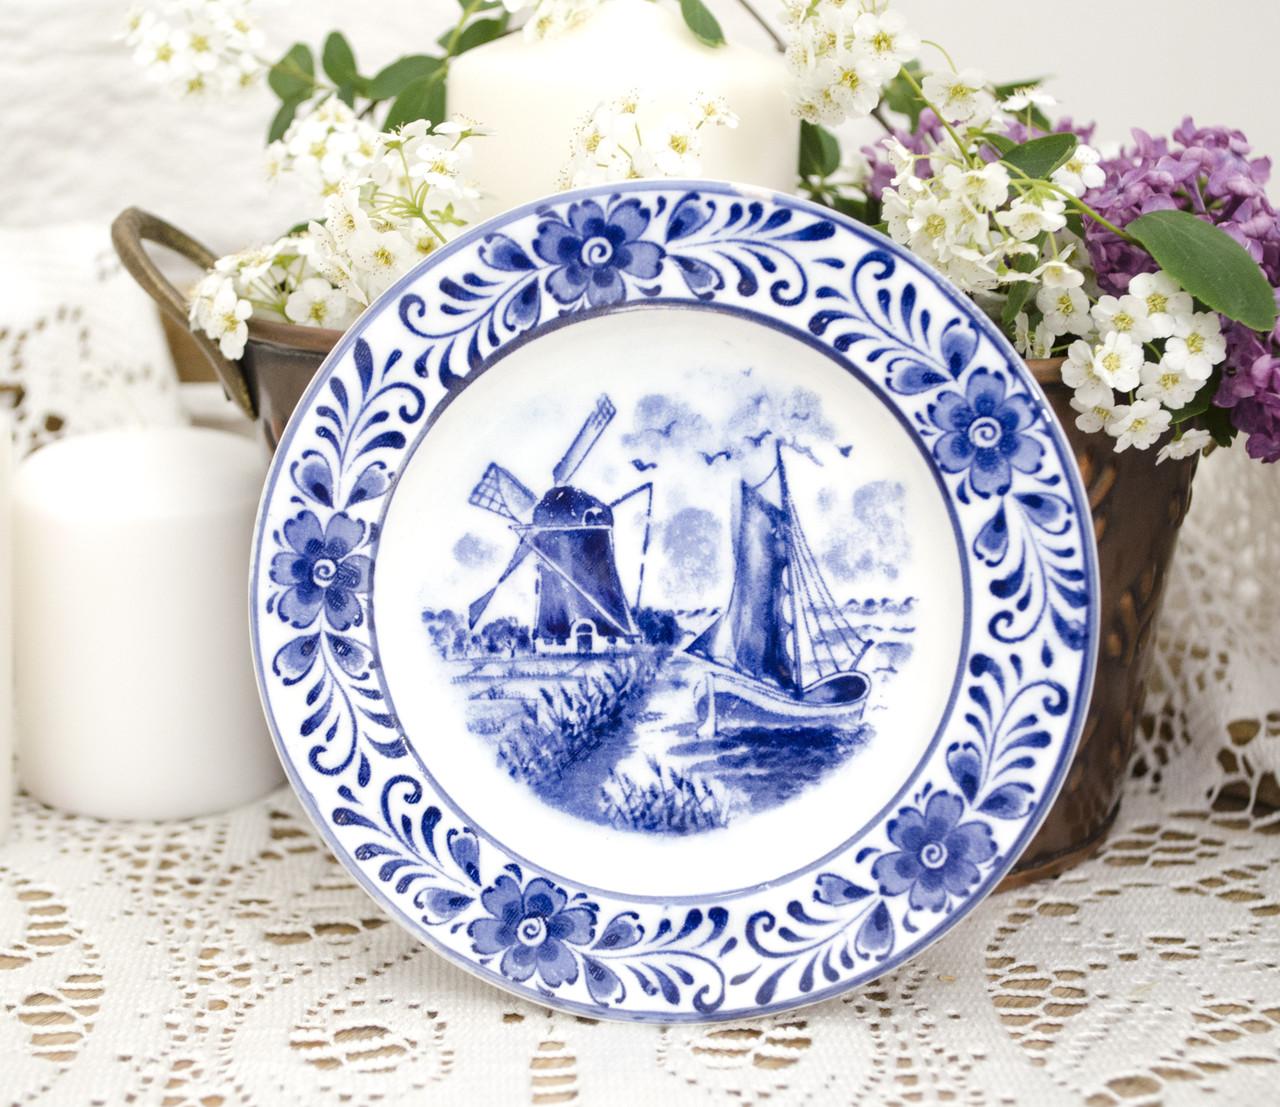 Коллекционная фарфоровая тарелочка с мельницей, делфтский фарфор, Delft, Голландия